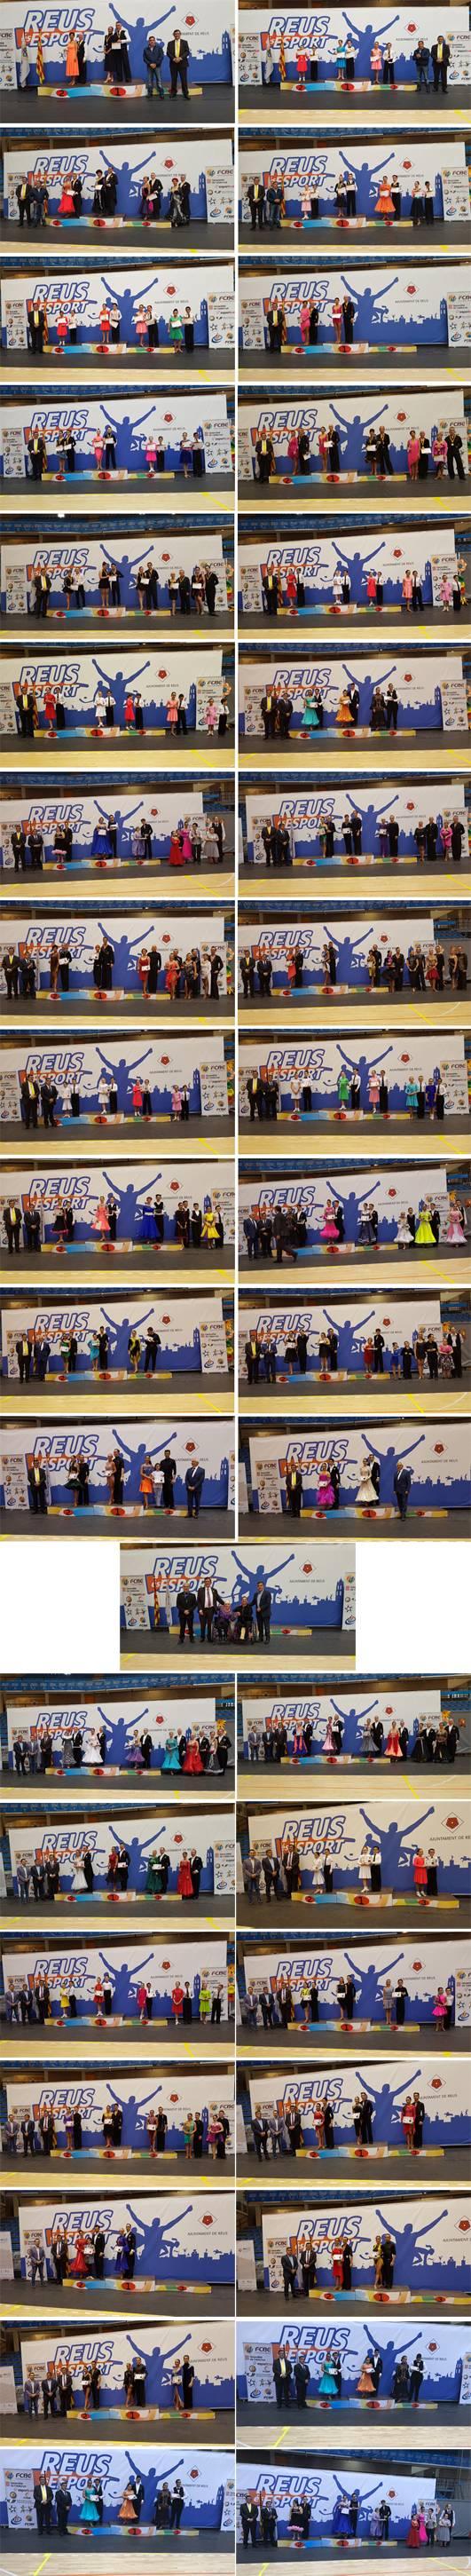 Campionats Catalunya 2018 (Estàndards i Llatins). Imatges  | Federació Catalana de Ball Esportiu